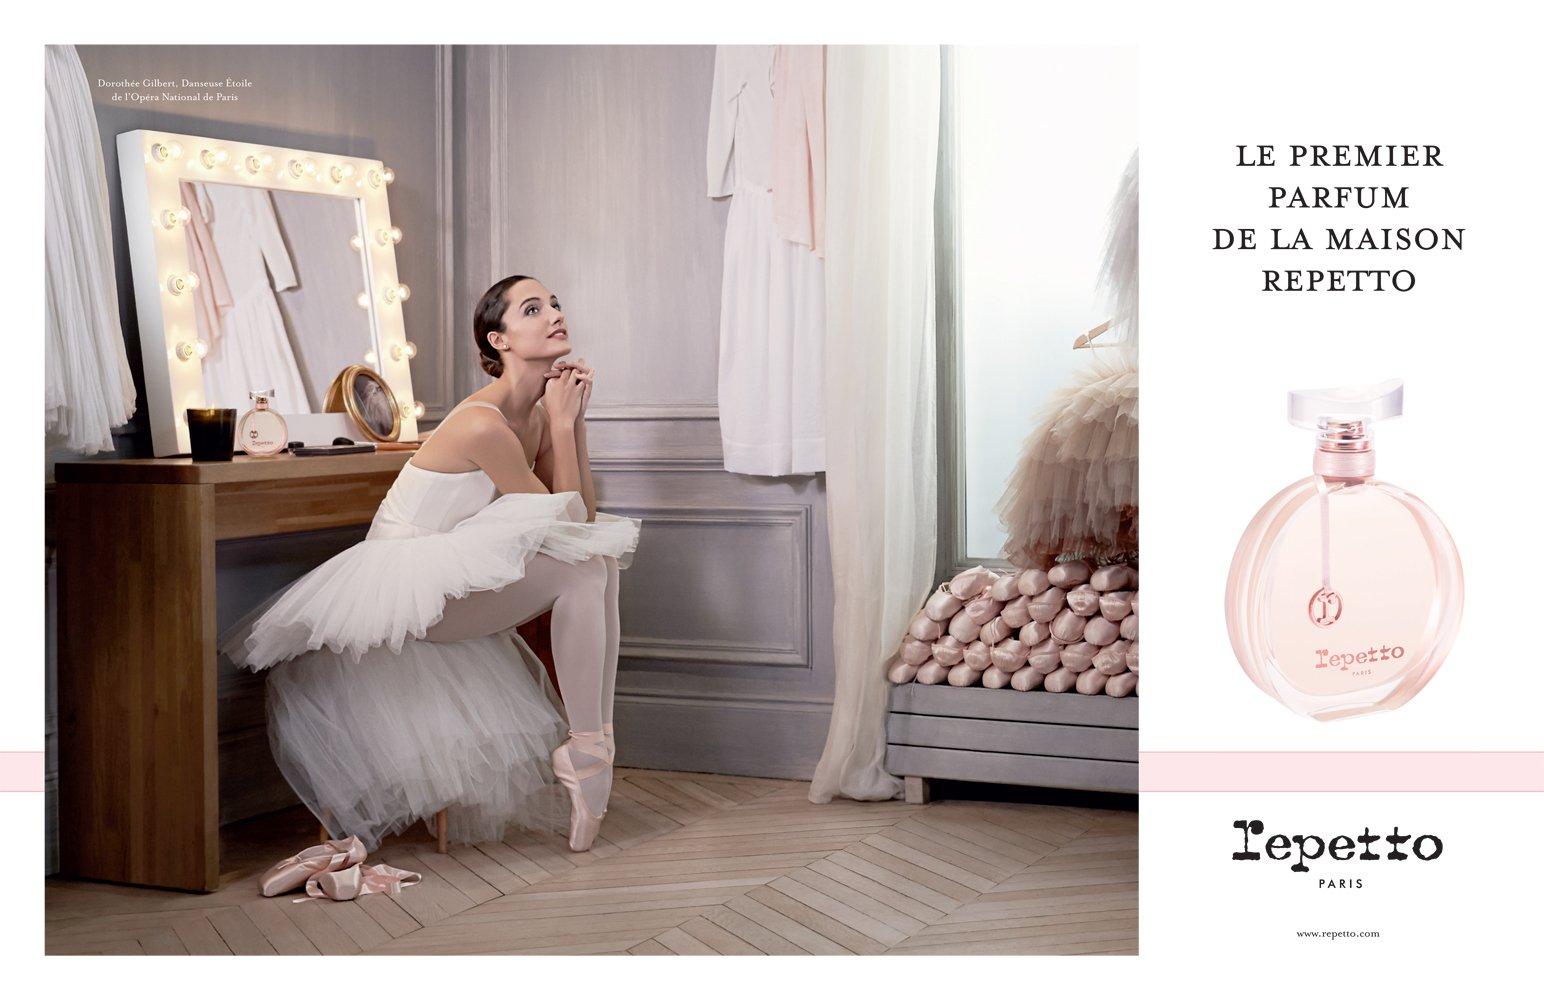 Célèbre 1er parfum de Repetto by James bort | Pierre Jouvion | Director of  BO52